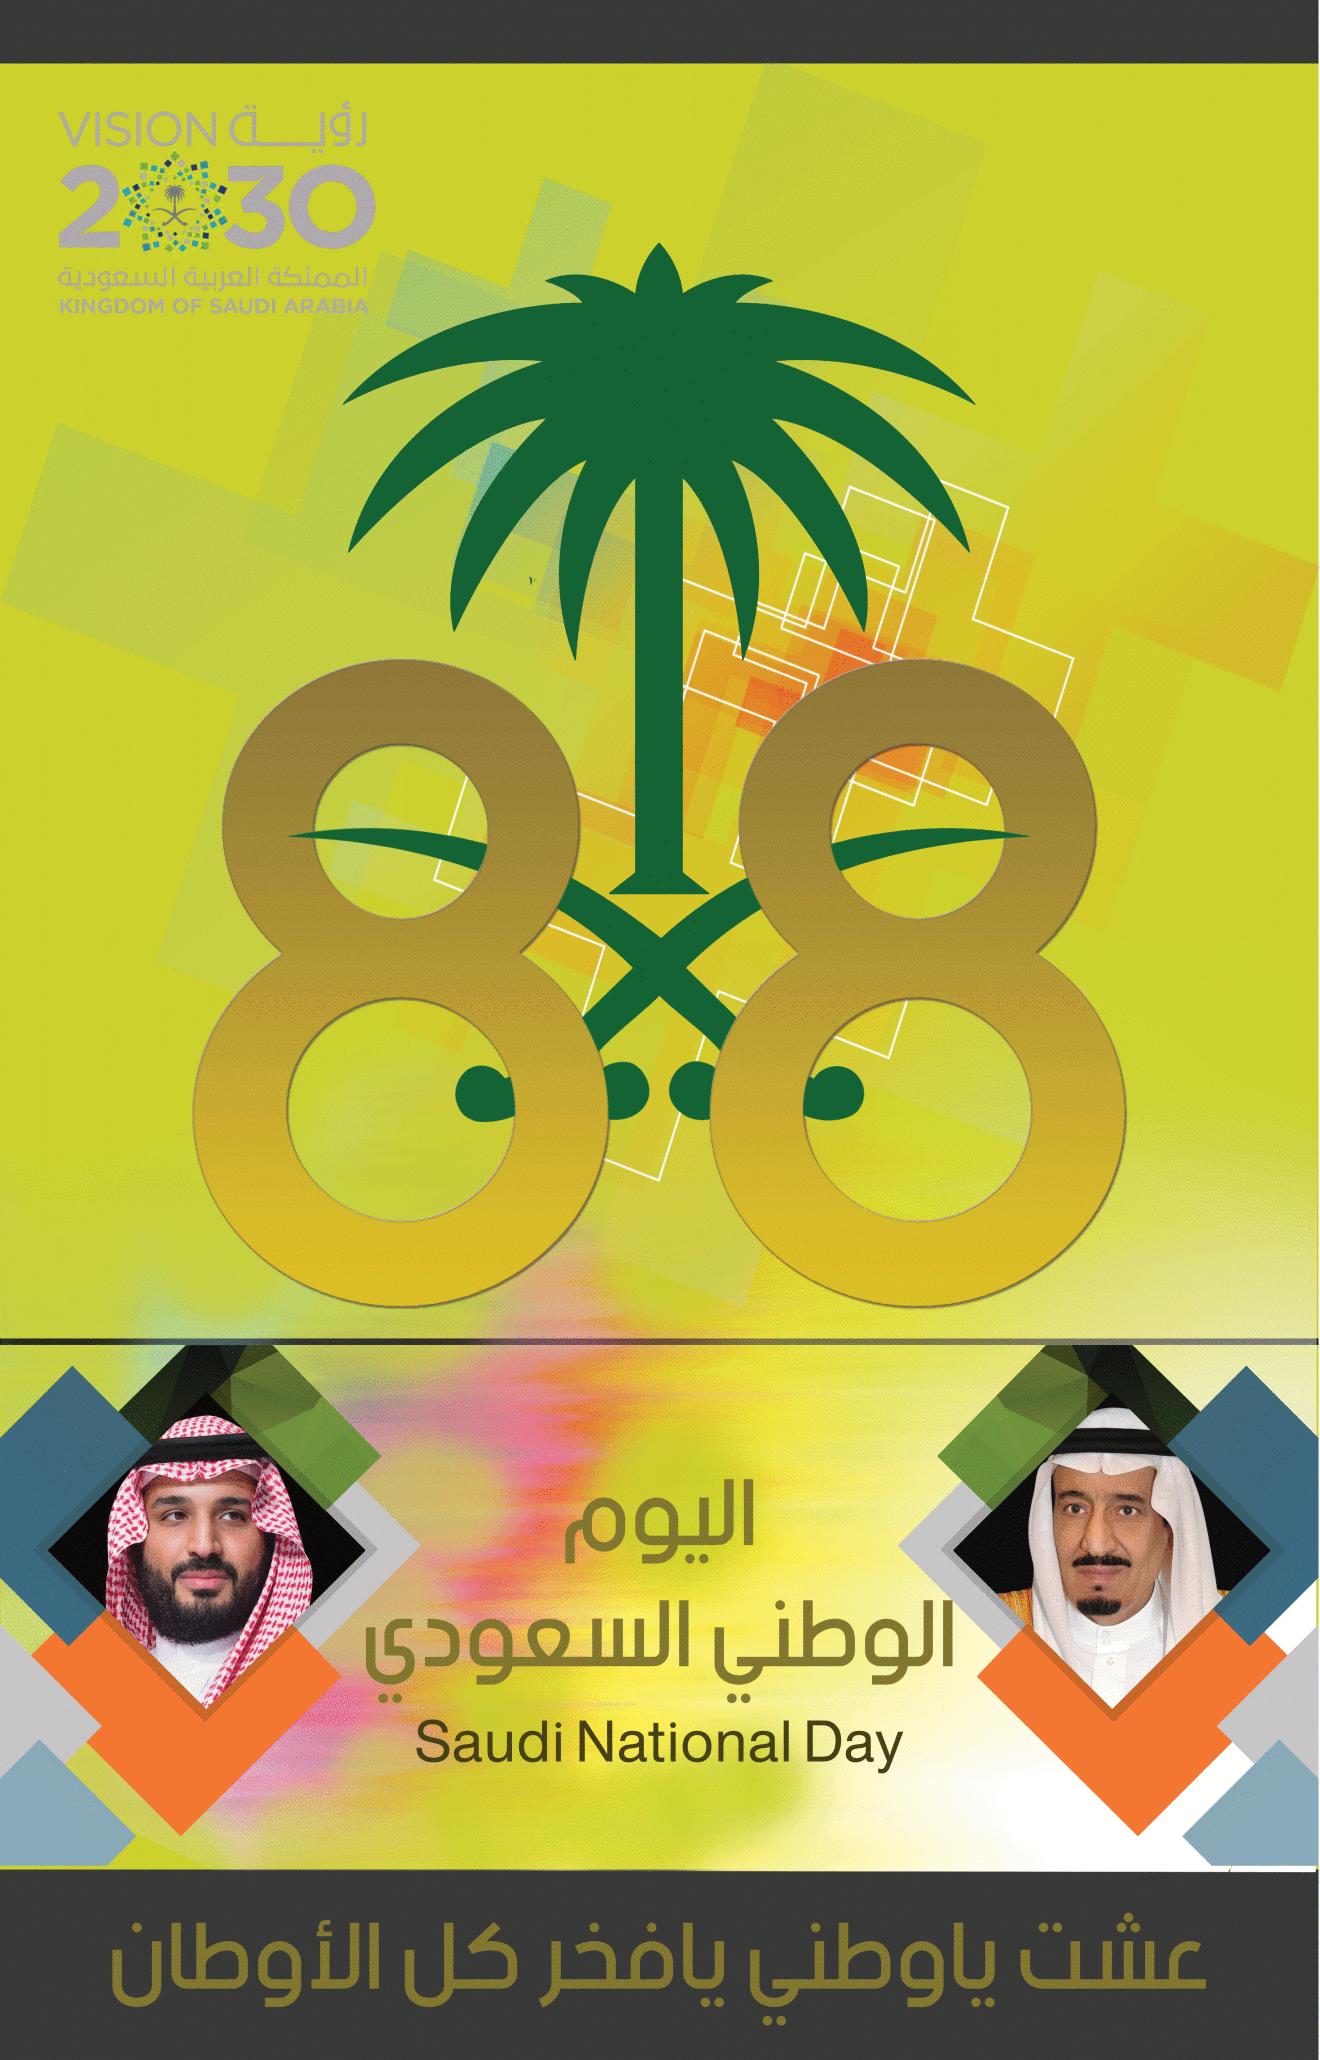 6e687be12 بنر اليوم الوطني 88 , خلفيات لليوم الوطني السعودي 1440 - مجلة رجيم